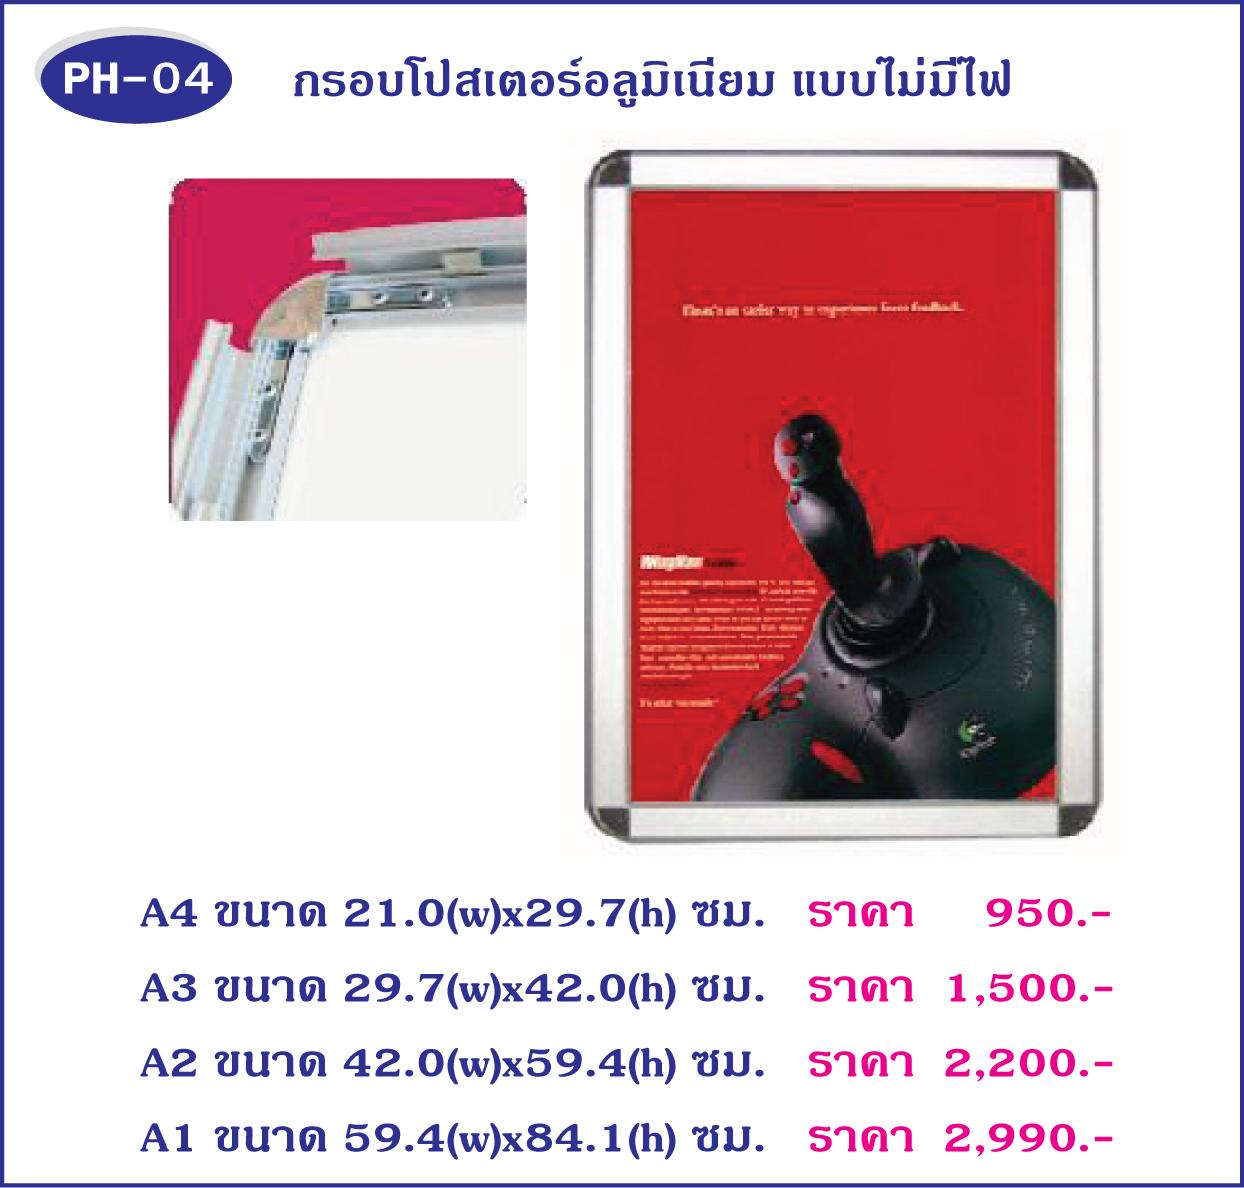 กรอบโปสเตอร์,กรอบใส่ภาพ,เฟรมใส่ภาพ,Poster Frame,Poster stand,PH04